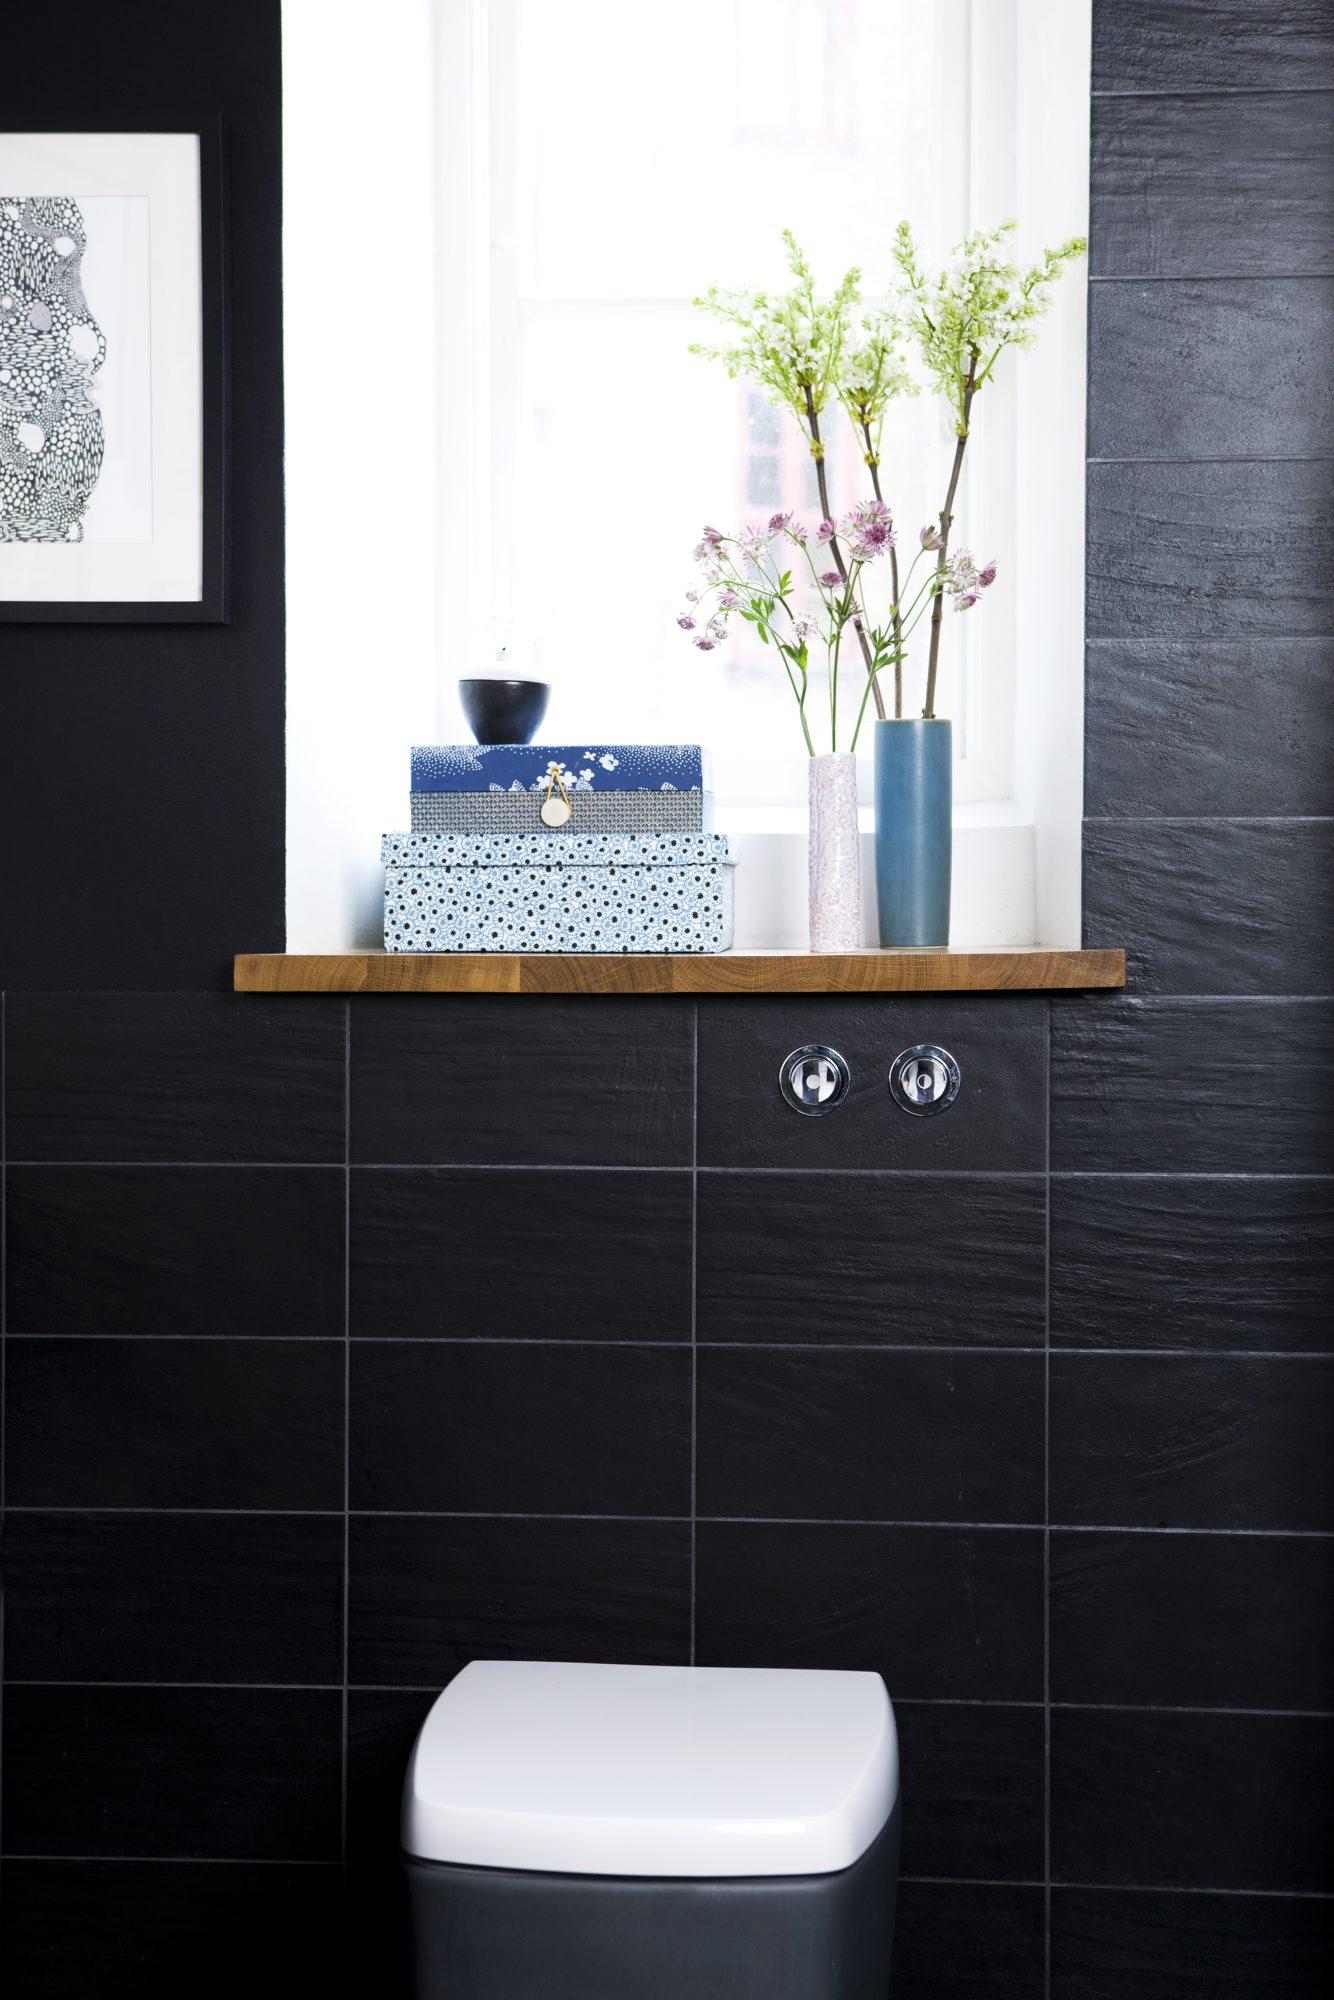 KONTRAST: Blomster i små vaser, og lekre esker i ulike farger tilfører litt femininitet til det maskuline badet. Toalettet er grått, og ses kun på grunn av sitt hvite lokk. FOTO: Tia Borgsmidt